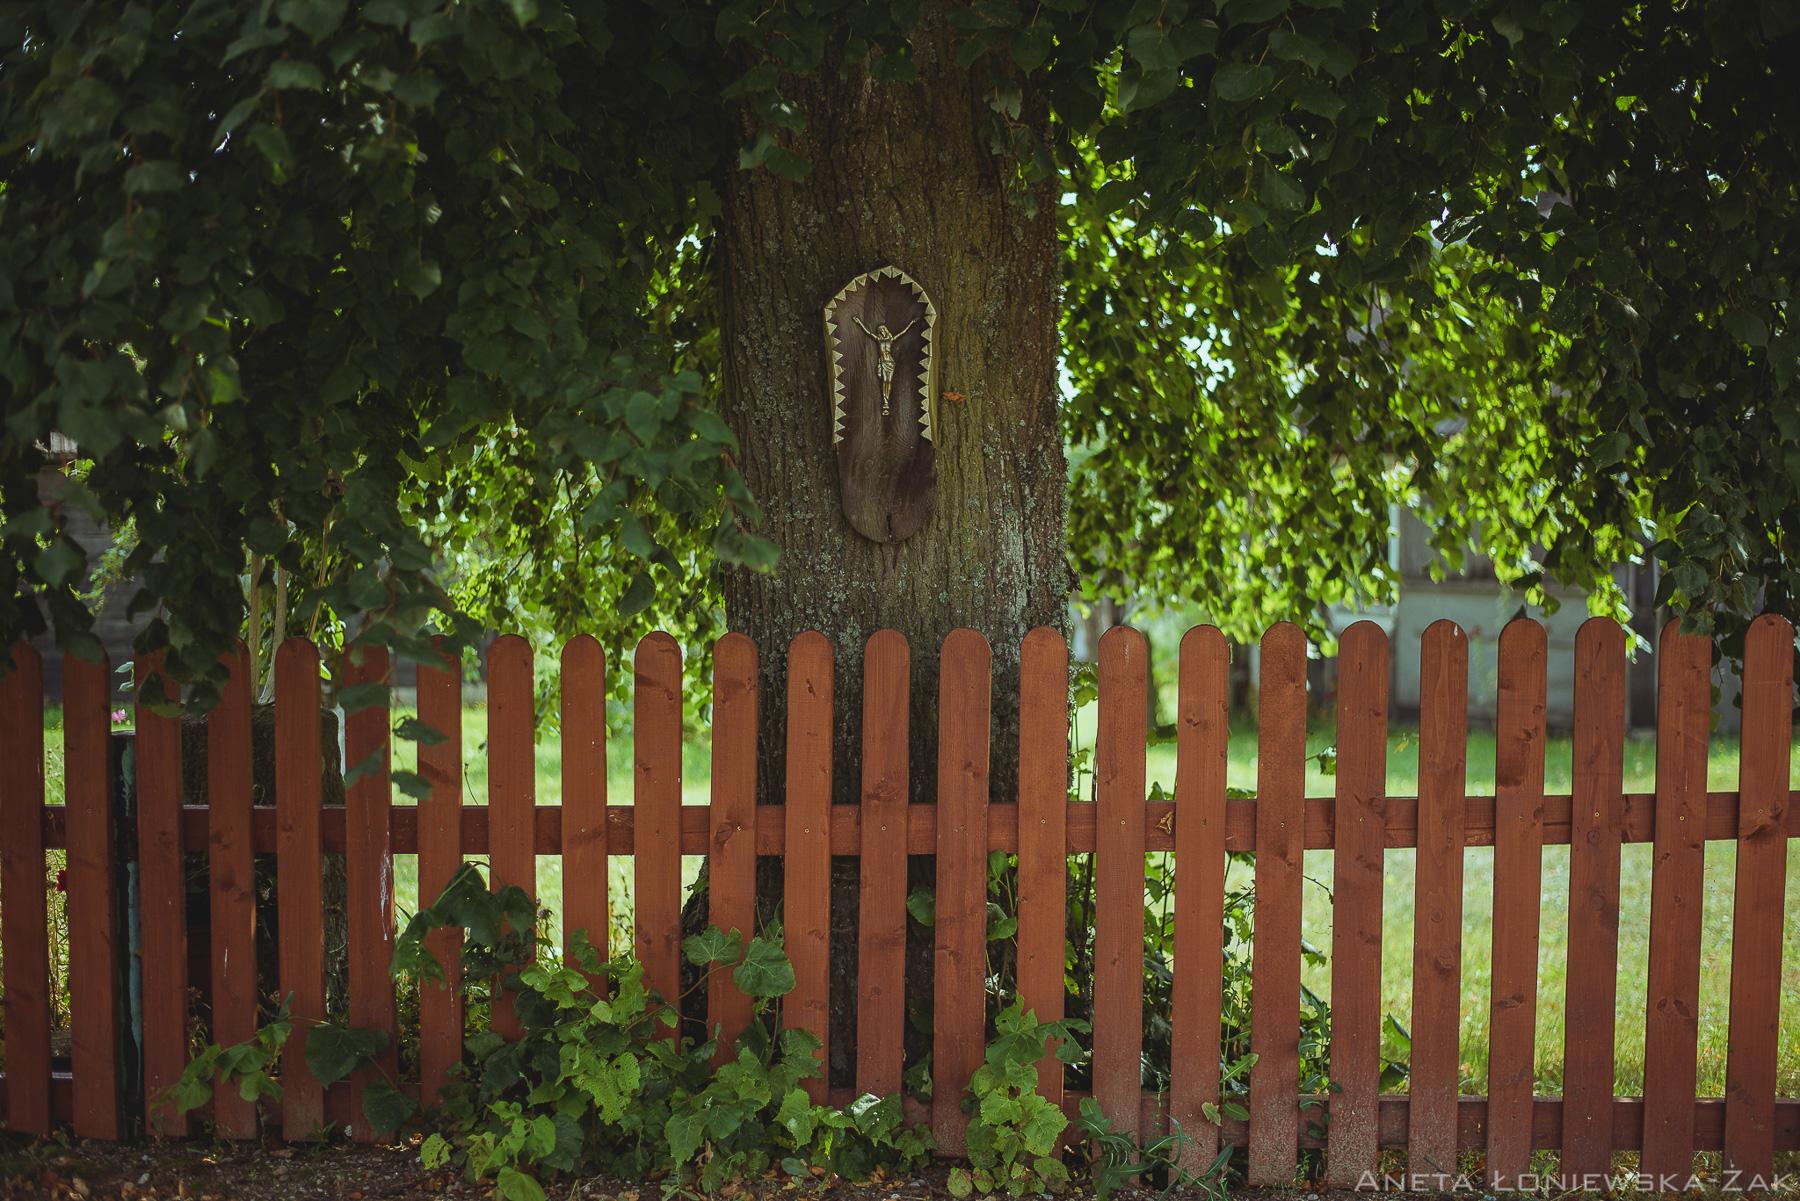 fotografia przyrodnicza, puszcza knyszyńska, podlasie, kopisk, kapliczka na drzewie